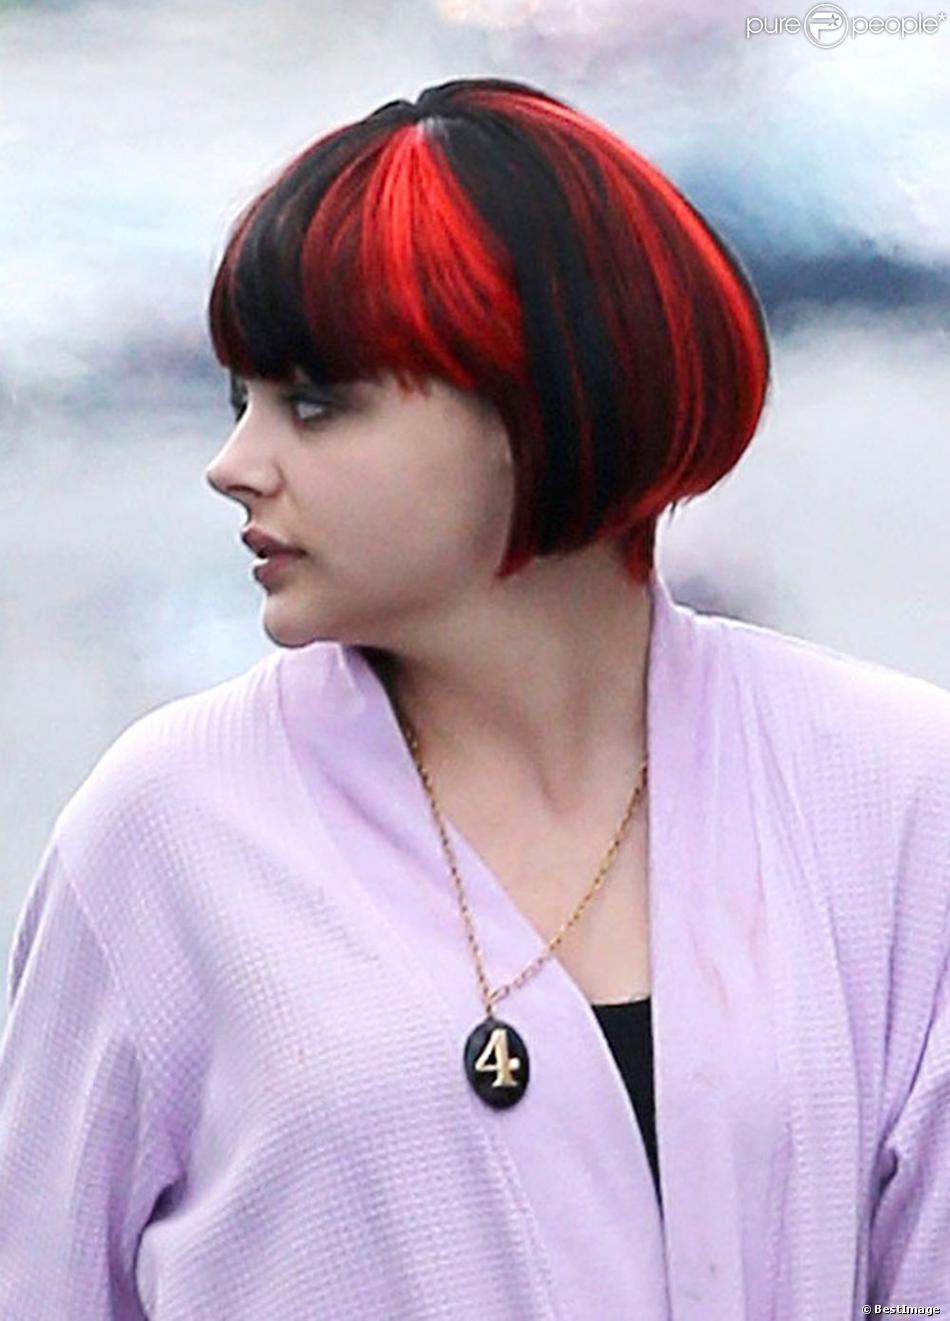 """Chloë Grace Moretz porte une perruque noir et rouge sur le tournage du nouveau film """"The Equalizer"""" à Chelsea dans le Massachussetts, le 18 juillet 2013."""